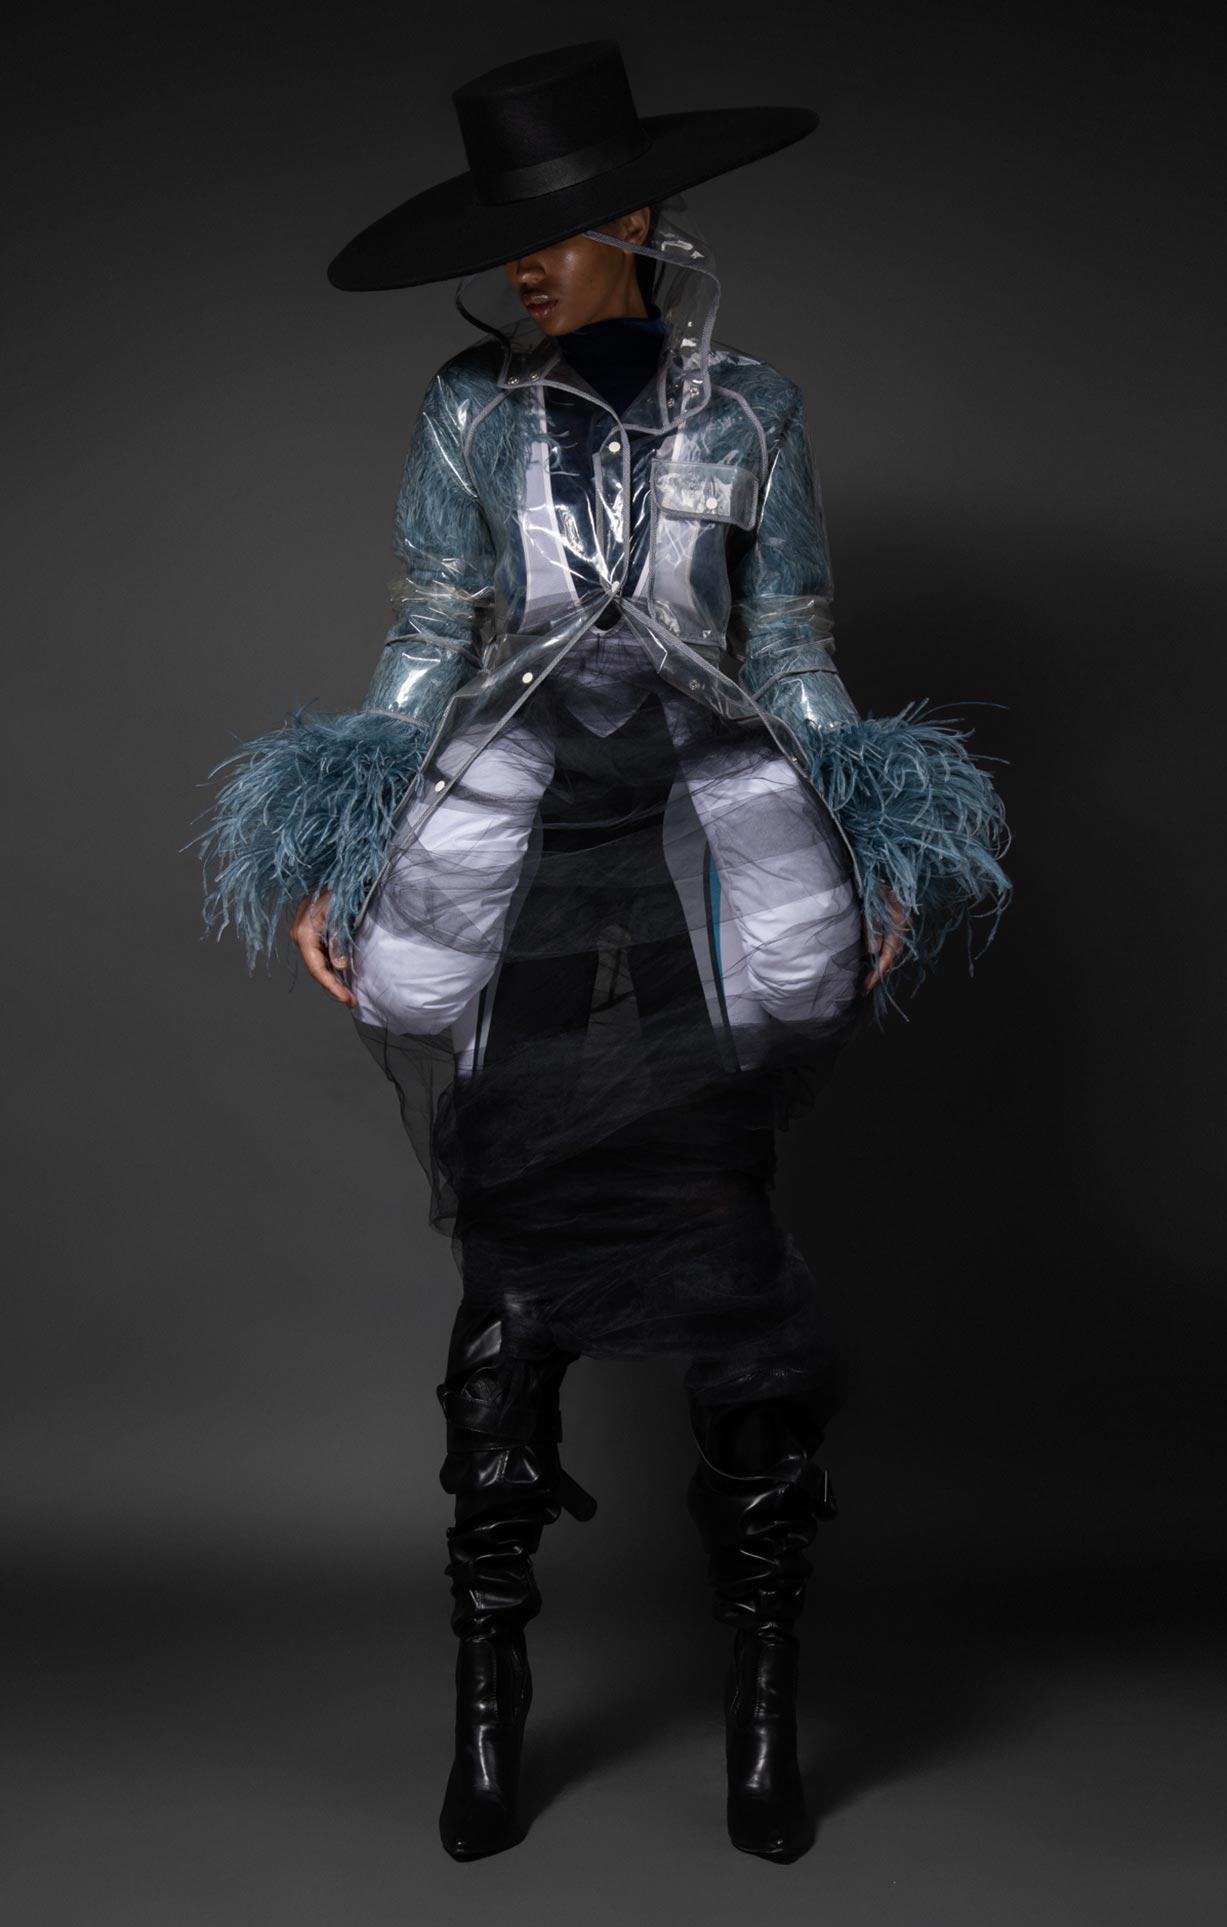 Нетрадиционный взгляд на модную одежду / фото 14